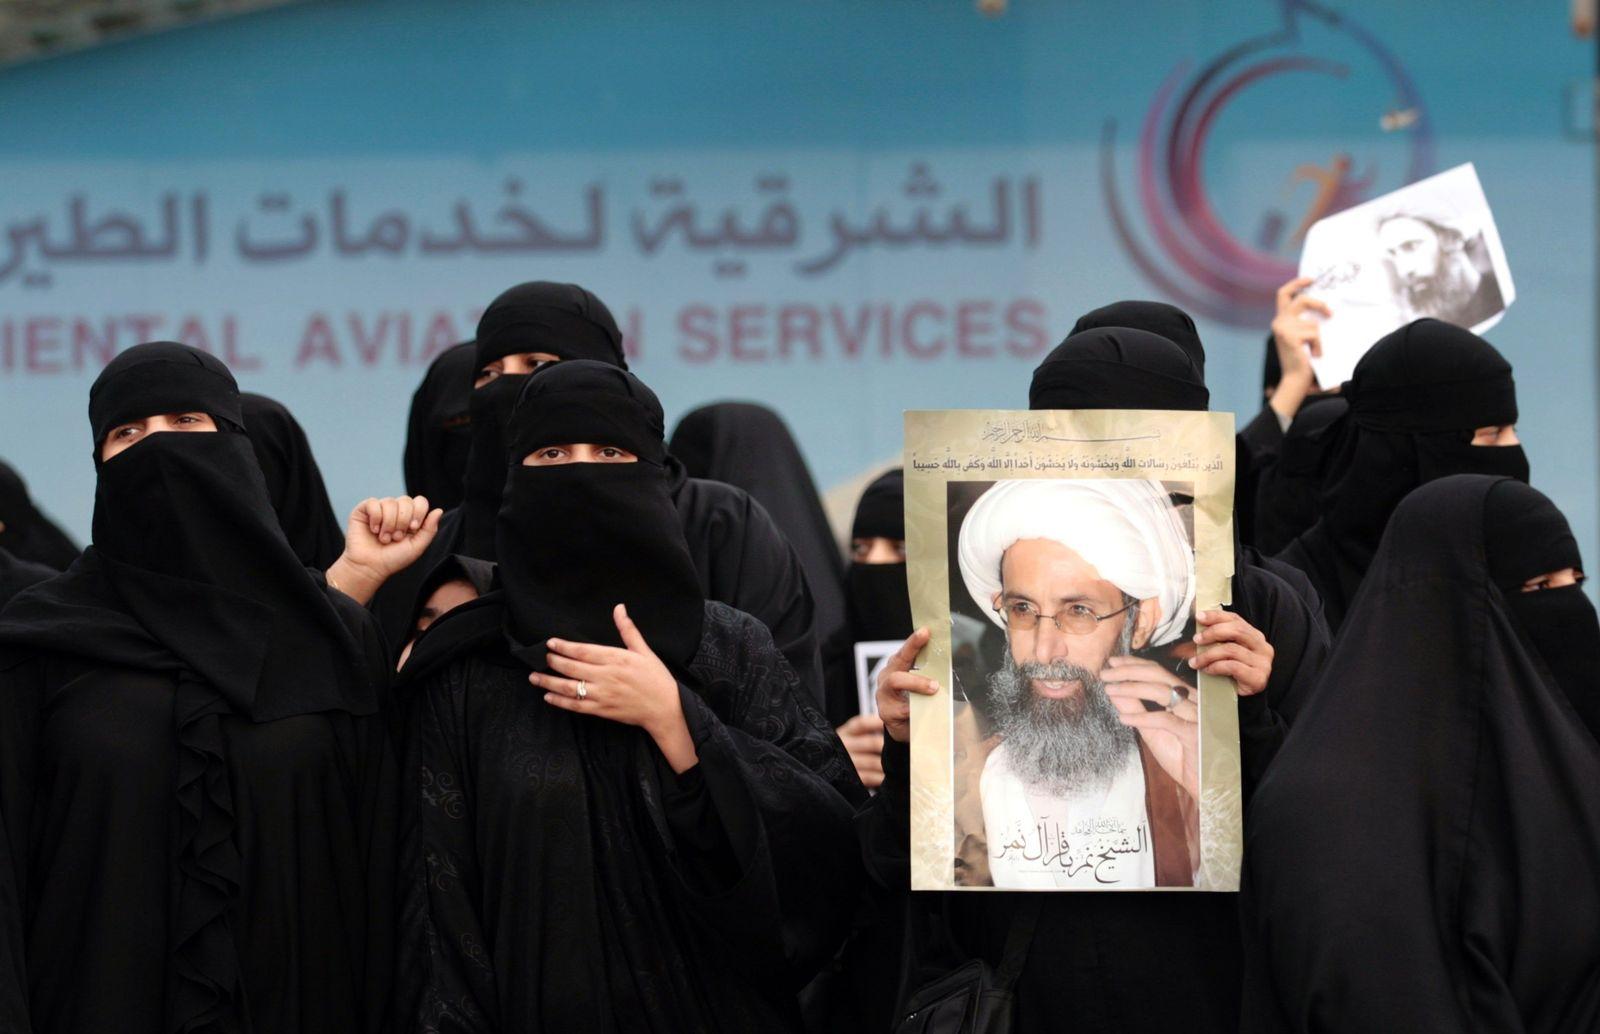 Qatif/Saudi-Arabien